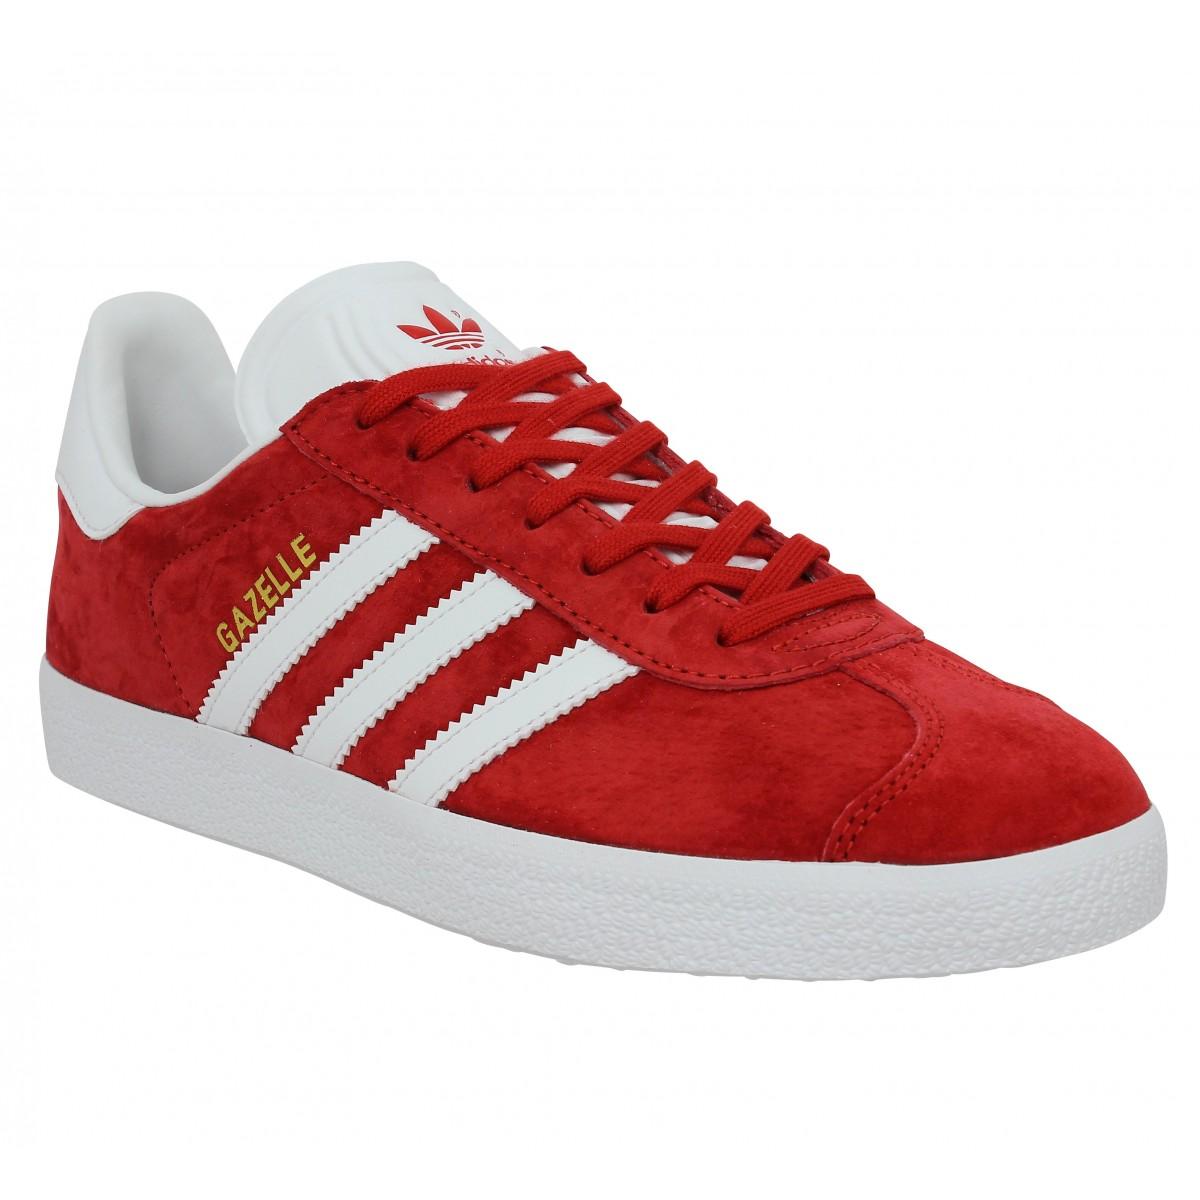 Adidas Femme Gazelle-36-rouge